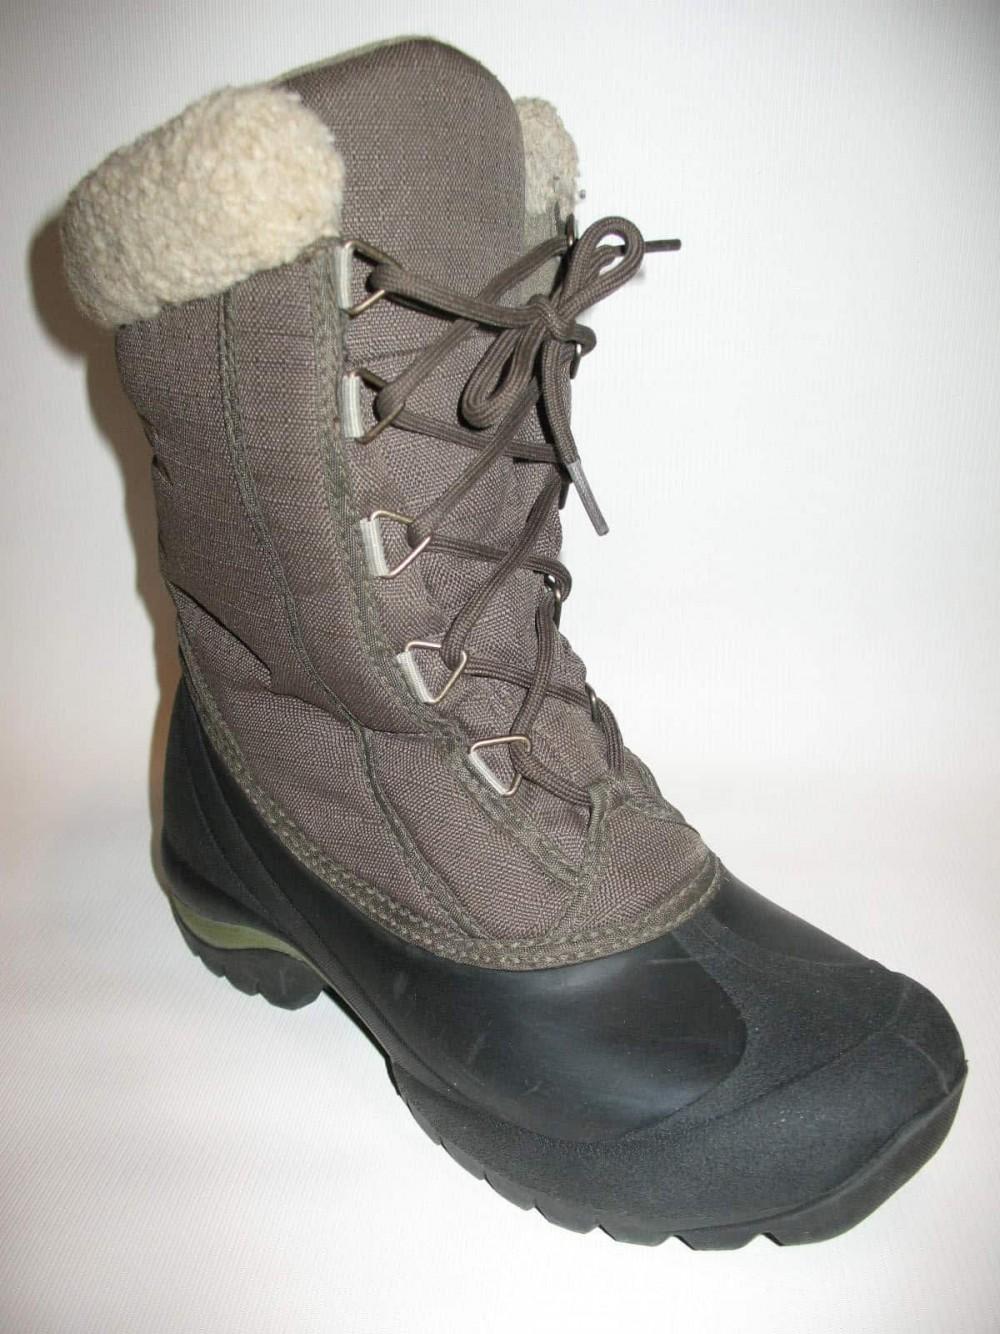 Ботинки SOREL cumberland boot lady (размер UK5.5/US7/EU38,5(на стопу до 240 mm)) - 6